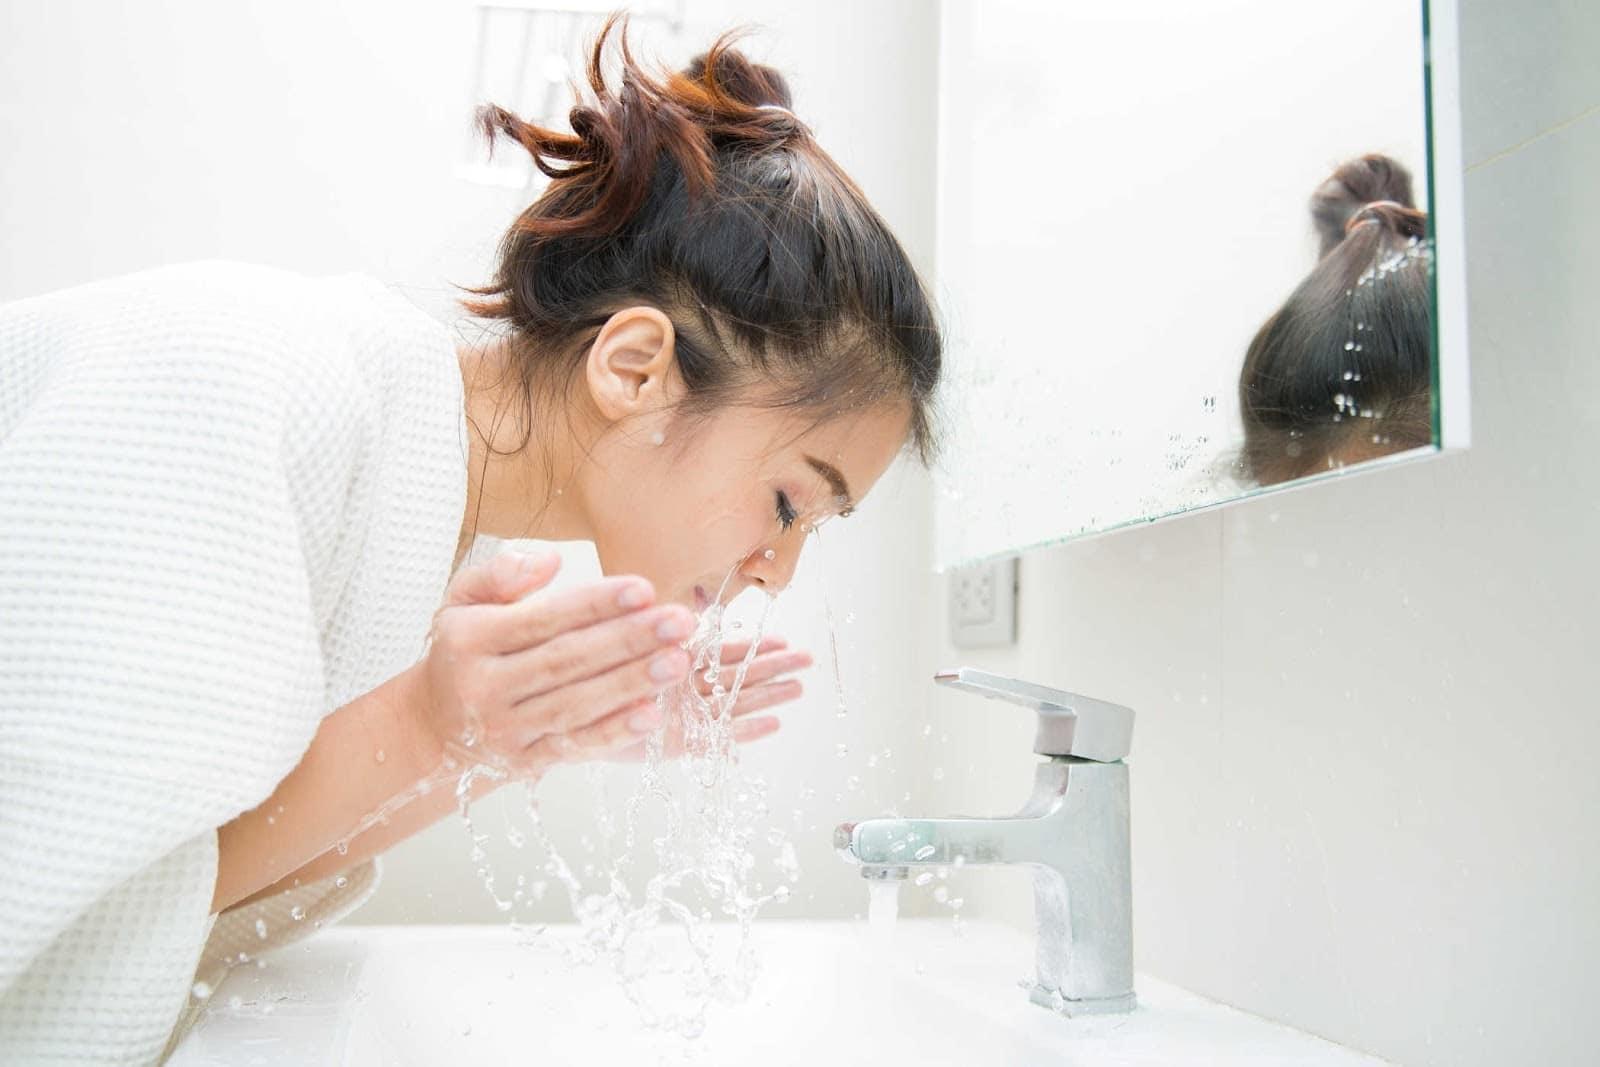 Da mặt chưa lấy hết bụi bẩn, dầu nhờn sẽ gây ra mụn ẩn